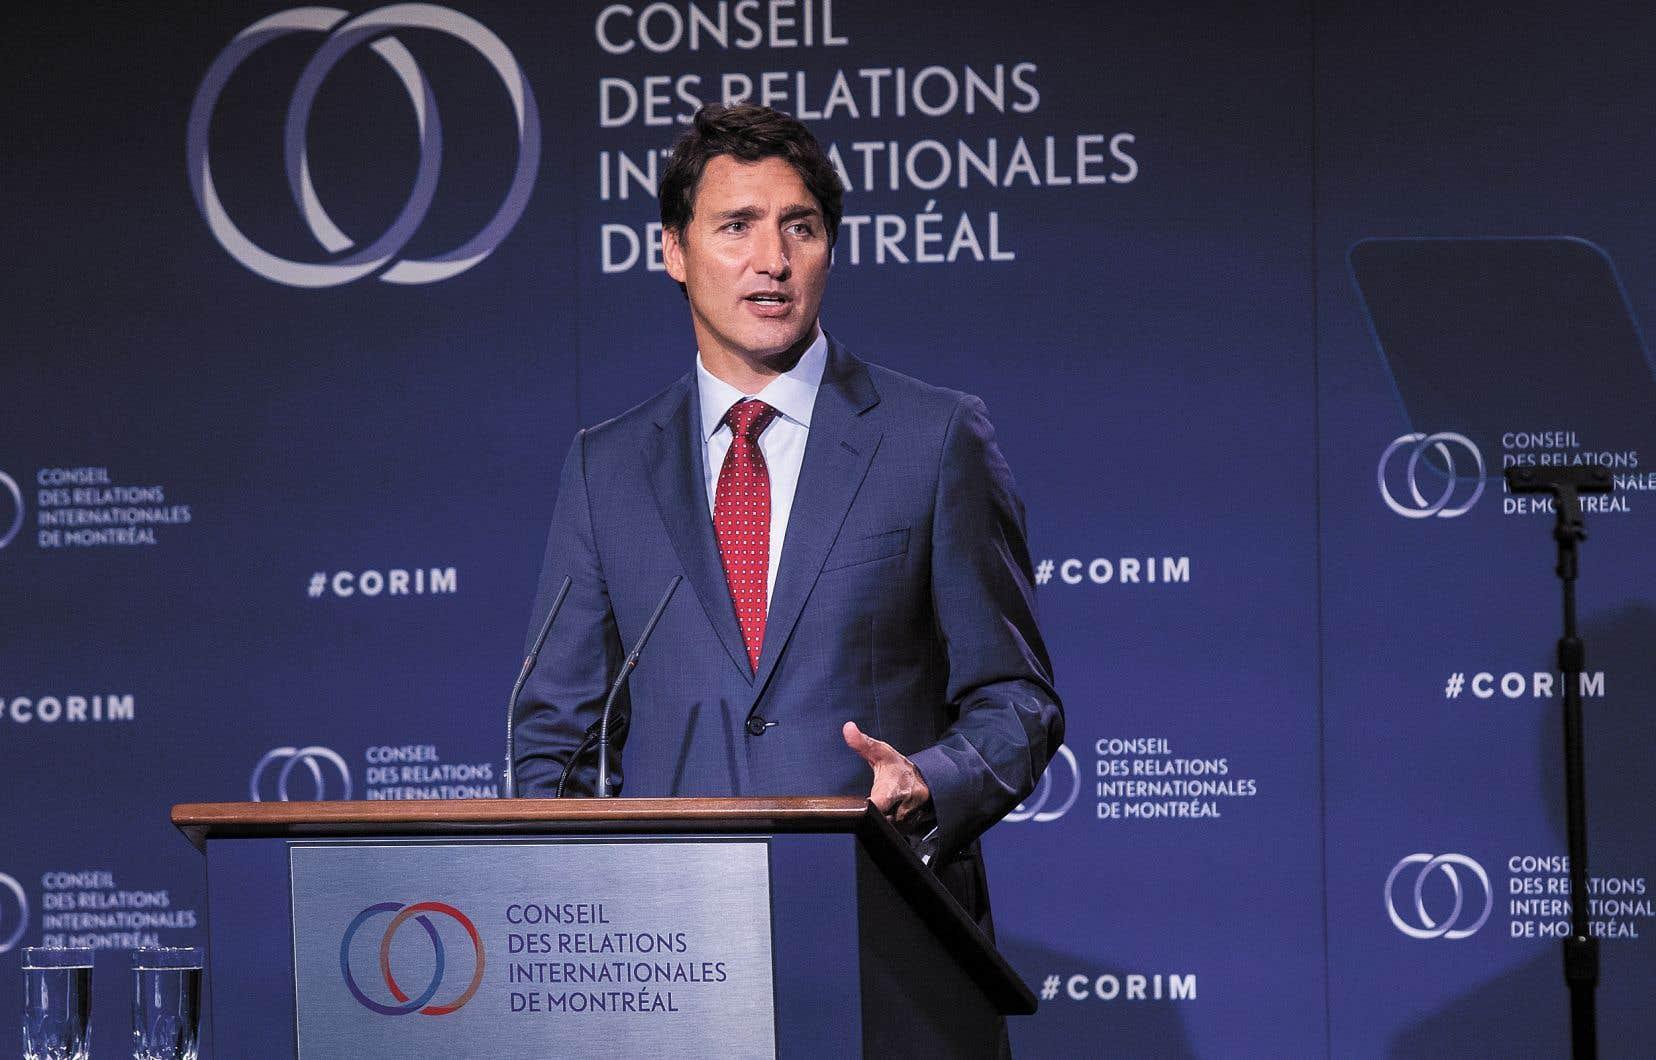 «Ils [les conservateurs] envisagent un monde où le Canada flirte avec les forces du populisme, en attisant la peur et en diffusant de la désinformation», a dit Justin Trudeau.